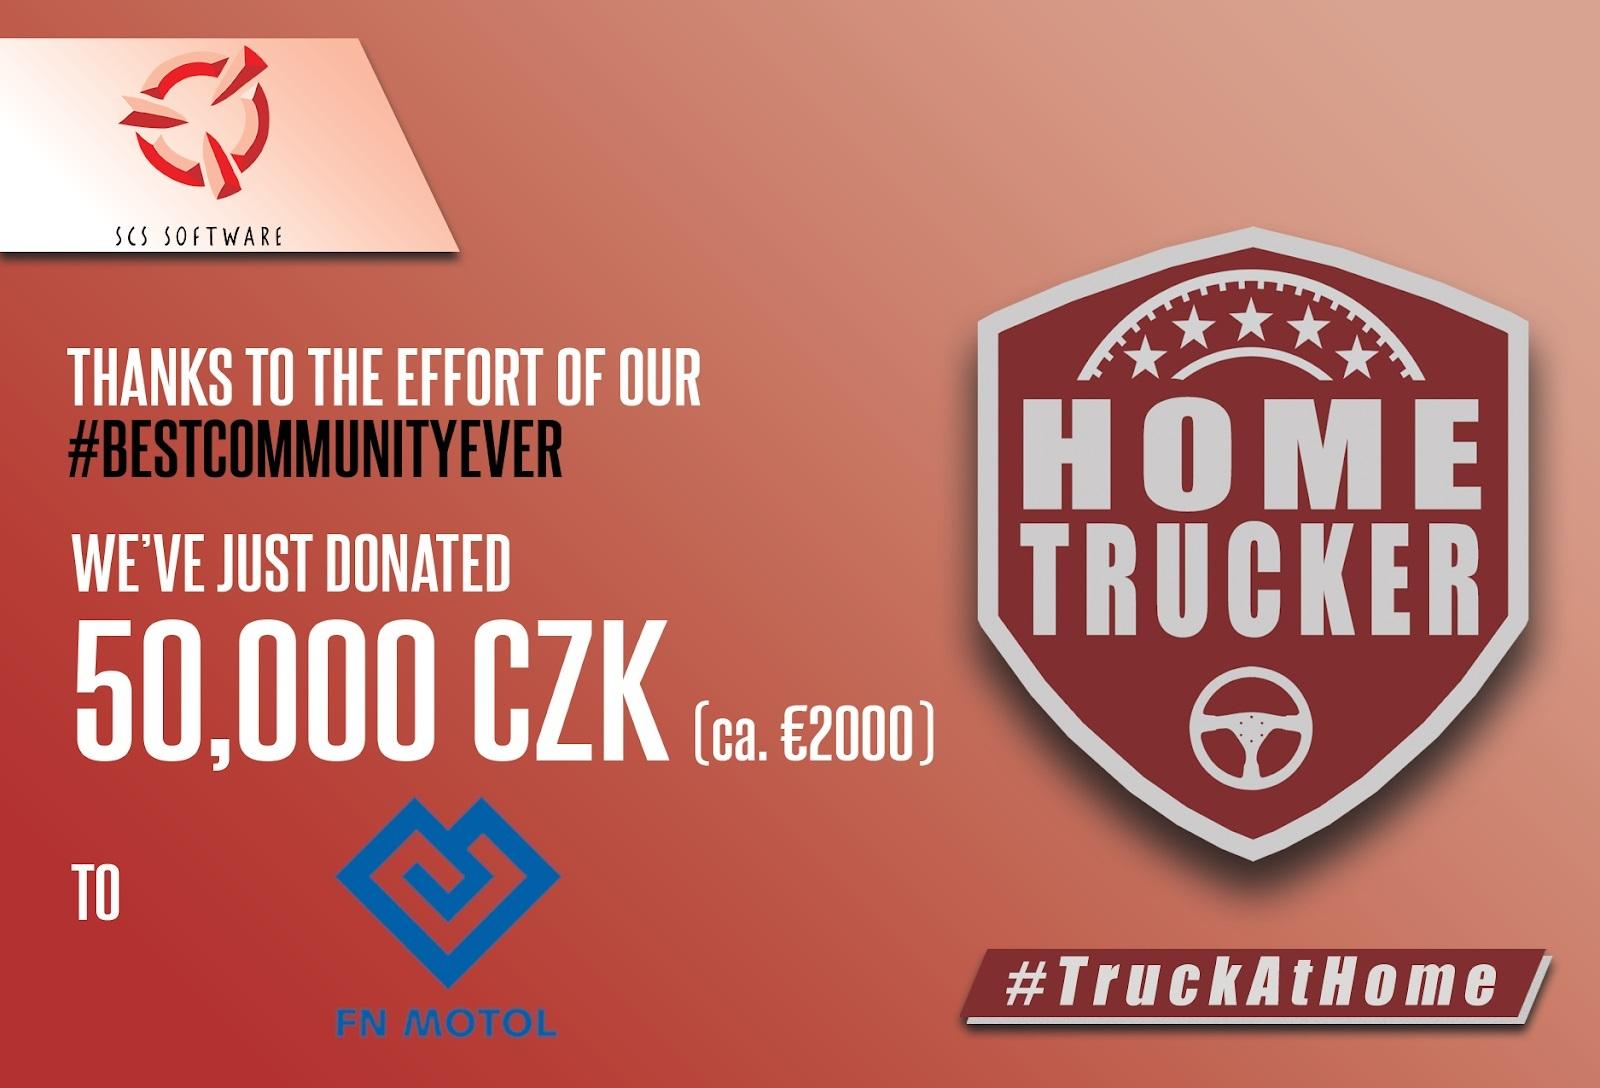 2020-TruckAtHome-fn_motol.jpg